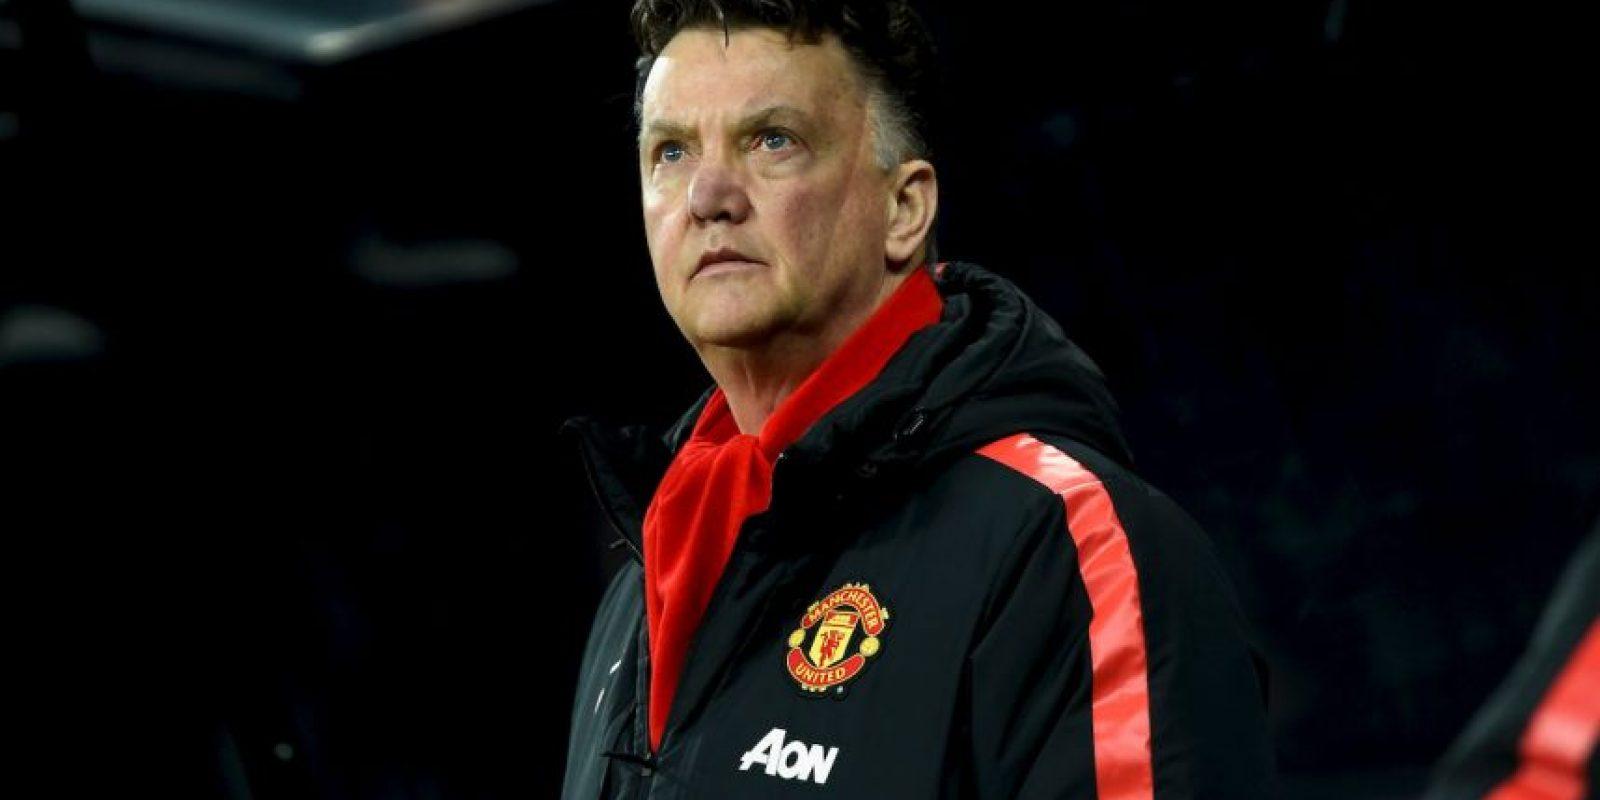 Como entrenador del AZ Alkmaar, Bayern Munich y Manchester United gastó 240 millones de euros. Foto:Getty Images